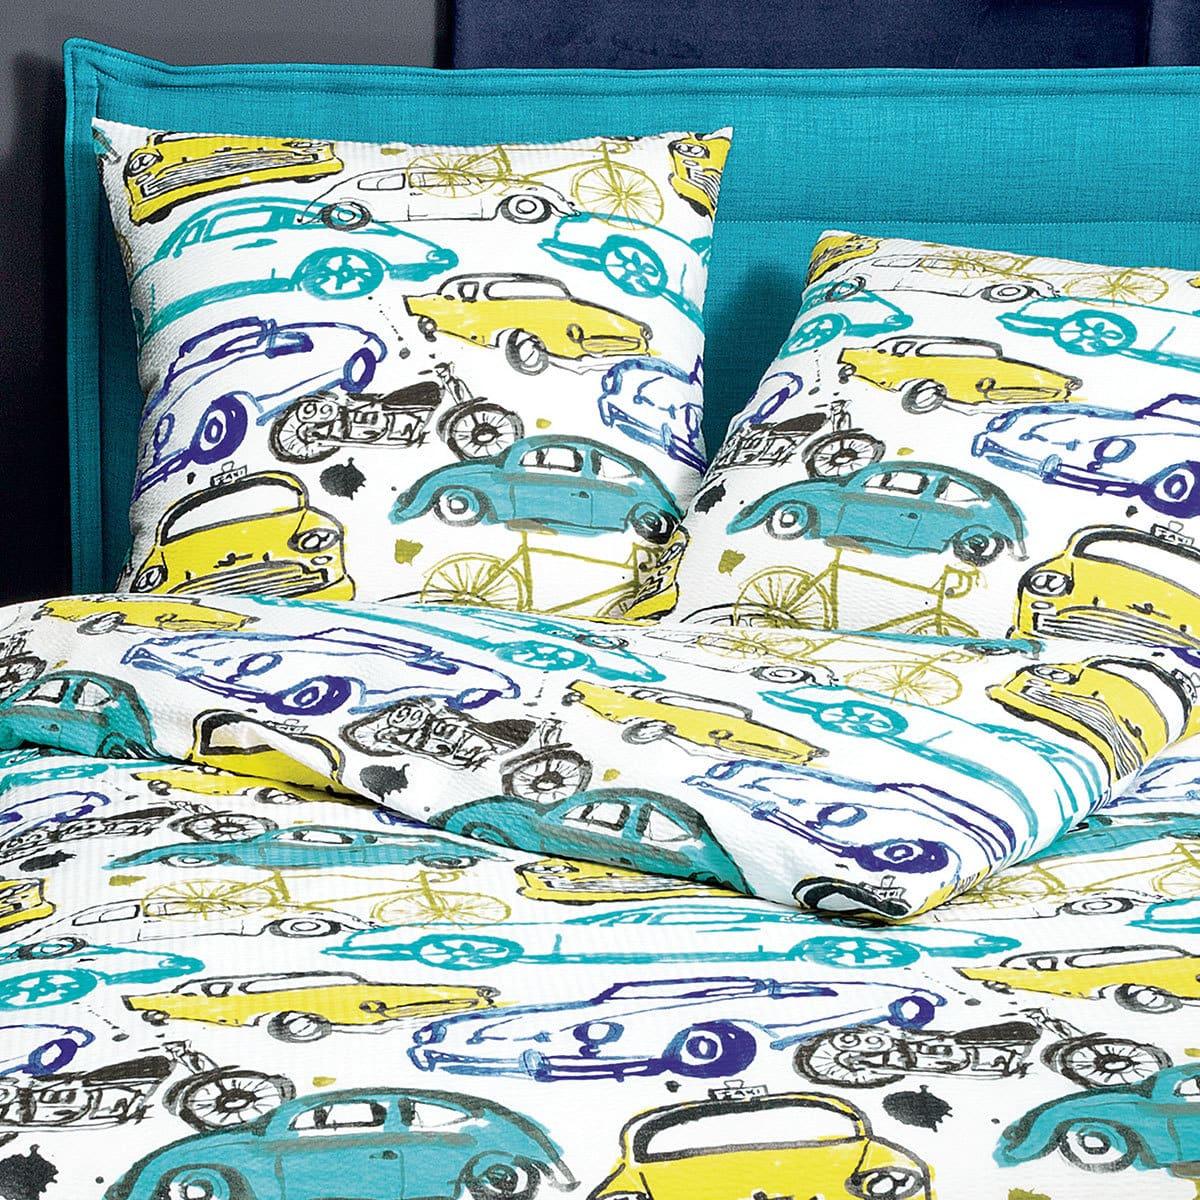 janine seersucker bettw sche tango 20010 02 aquablau g nstig online kaufen bei bettwaren shop. Black Bedroom Furniture Sets. Home Design Ideas